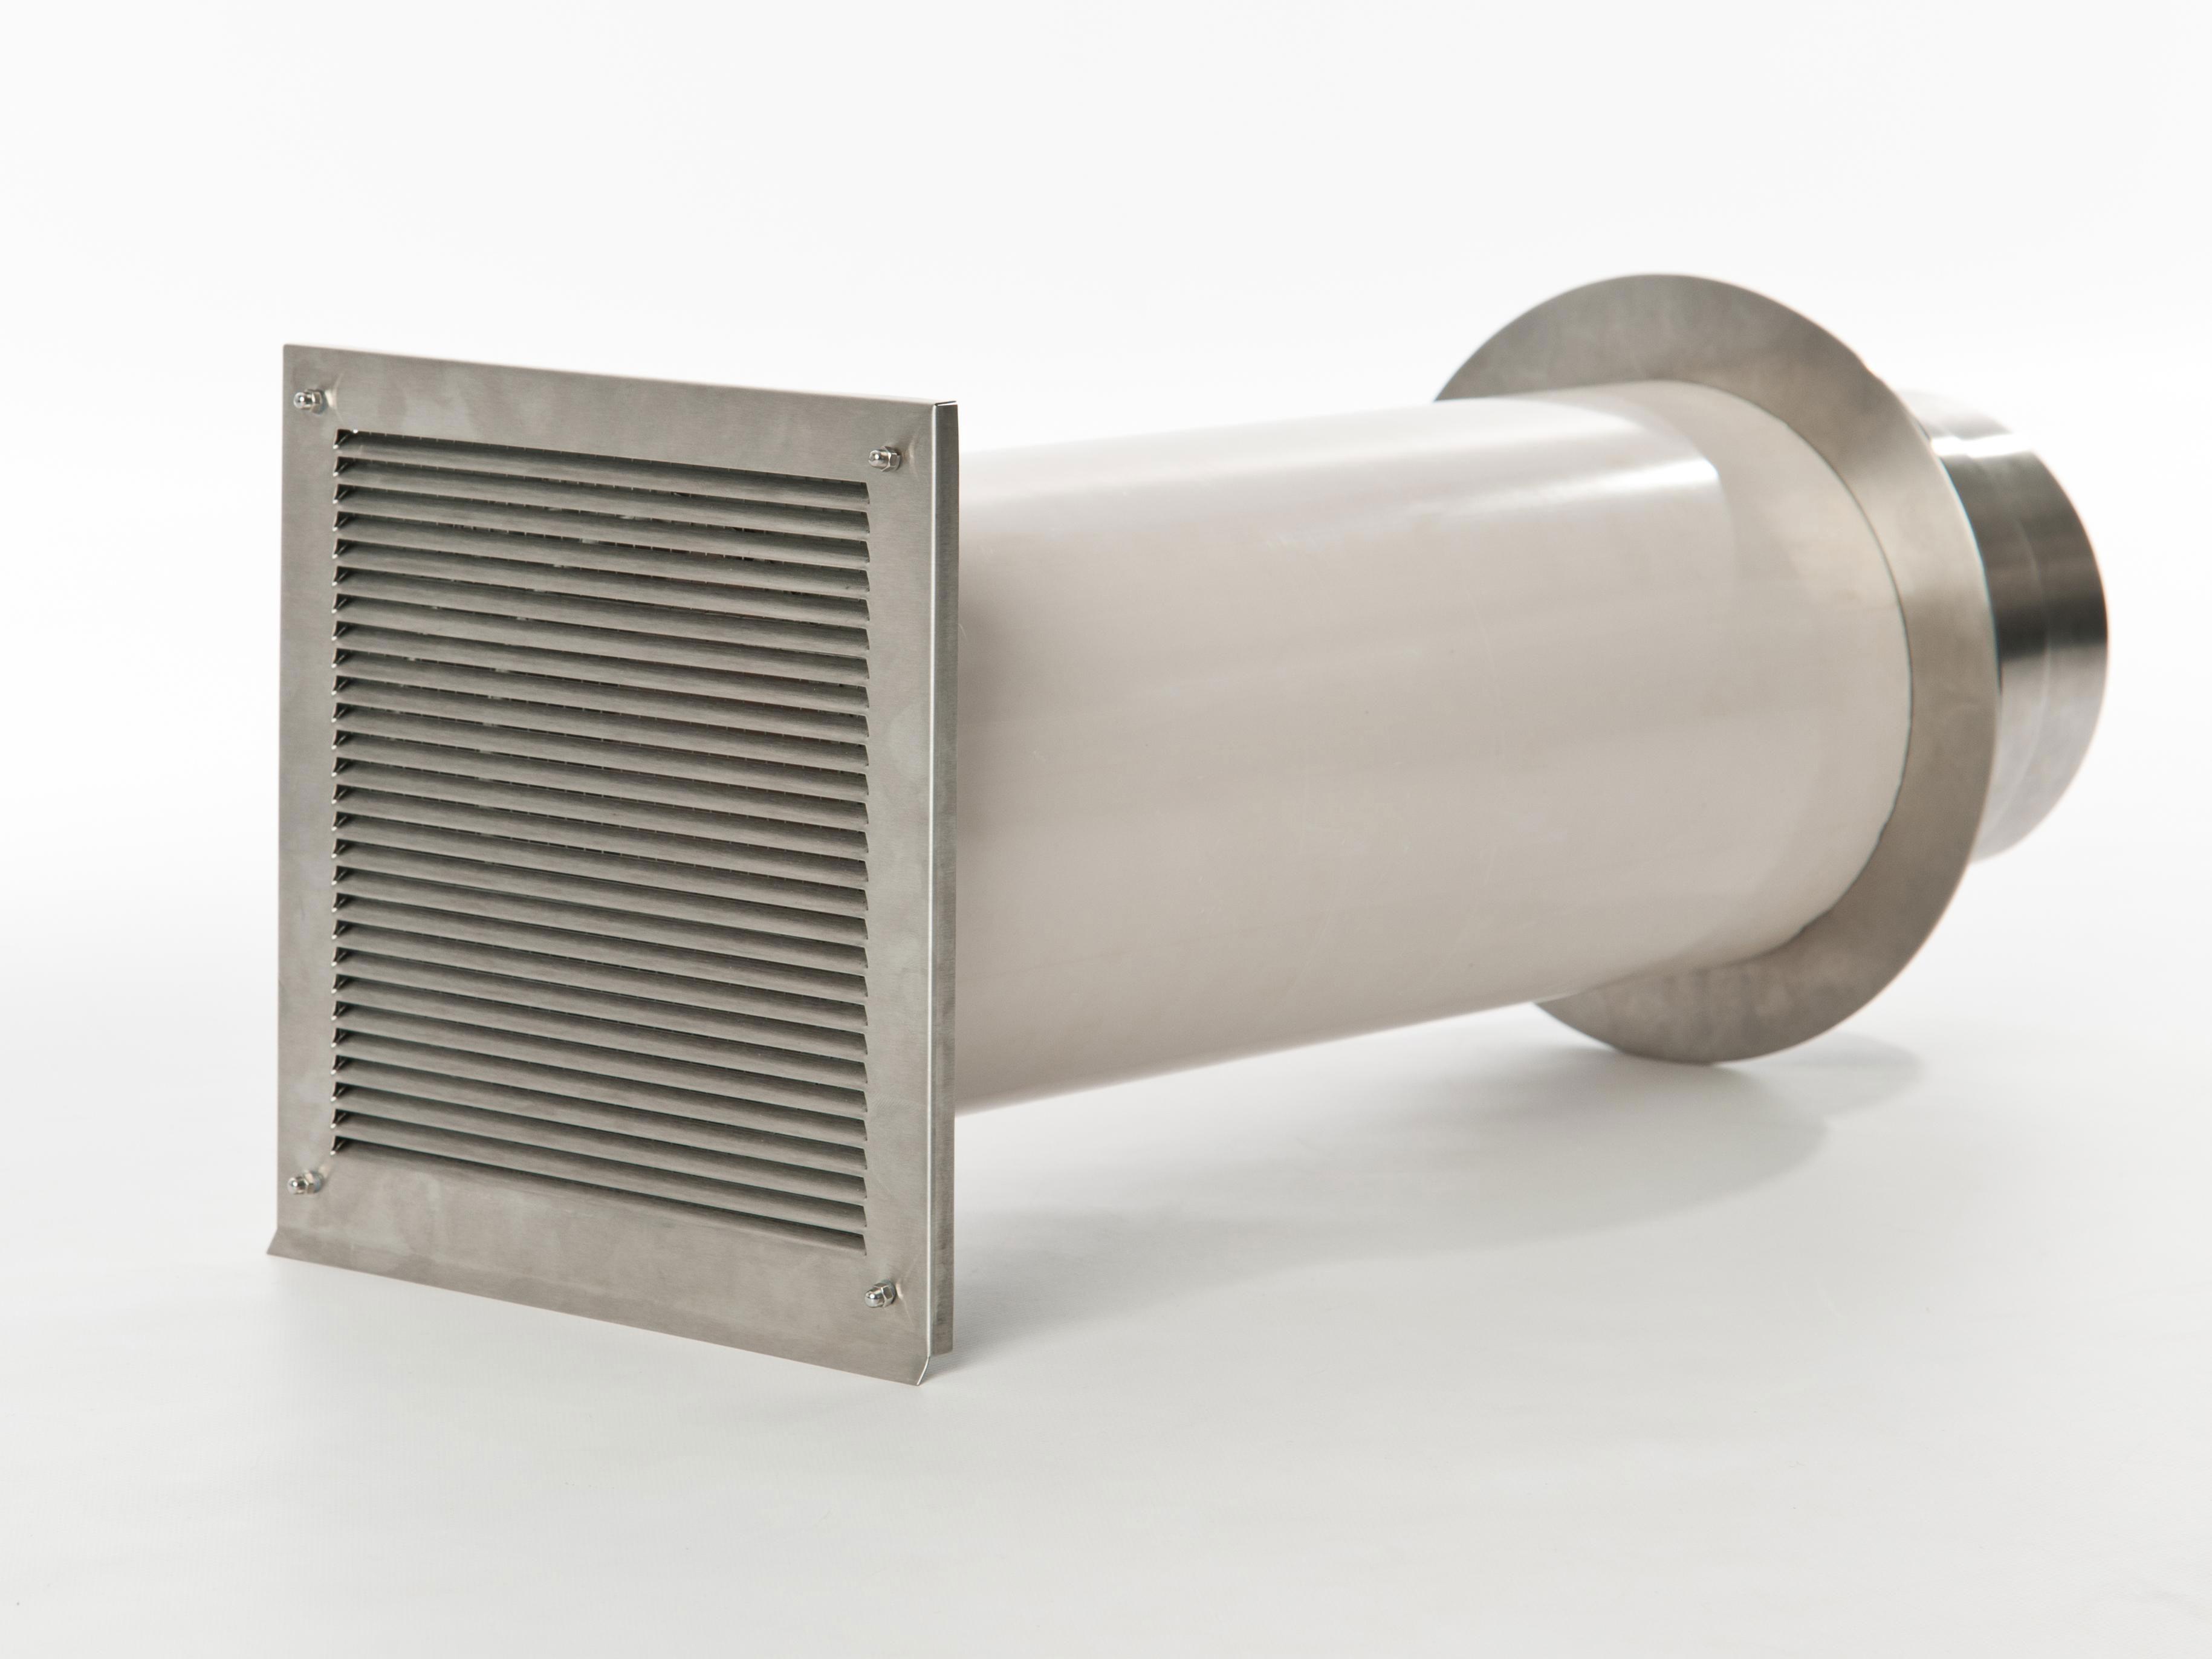 externer Luftanschluss Mauerdurchführung Einzelklappe 80mm Stutzen Bild 1